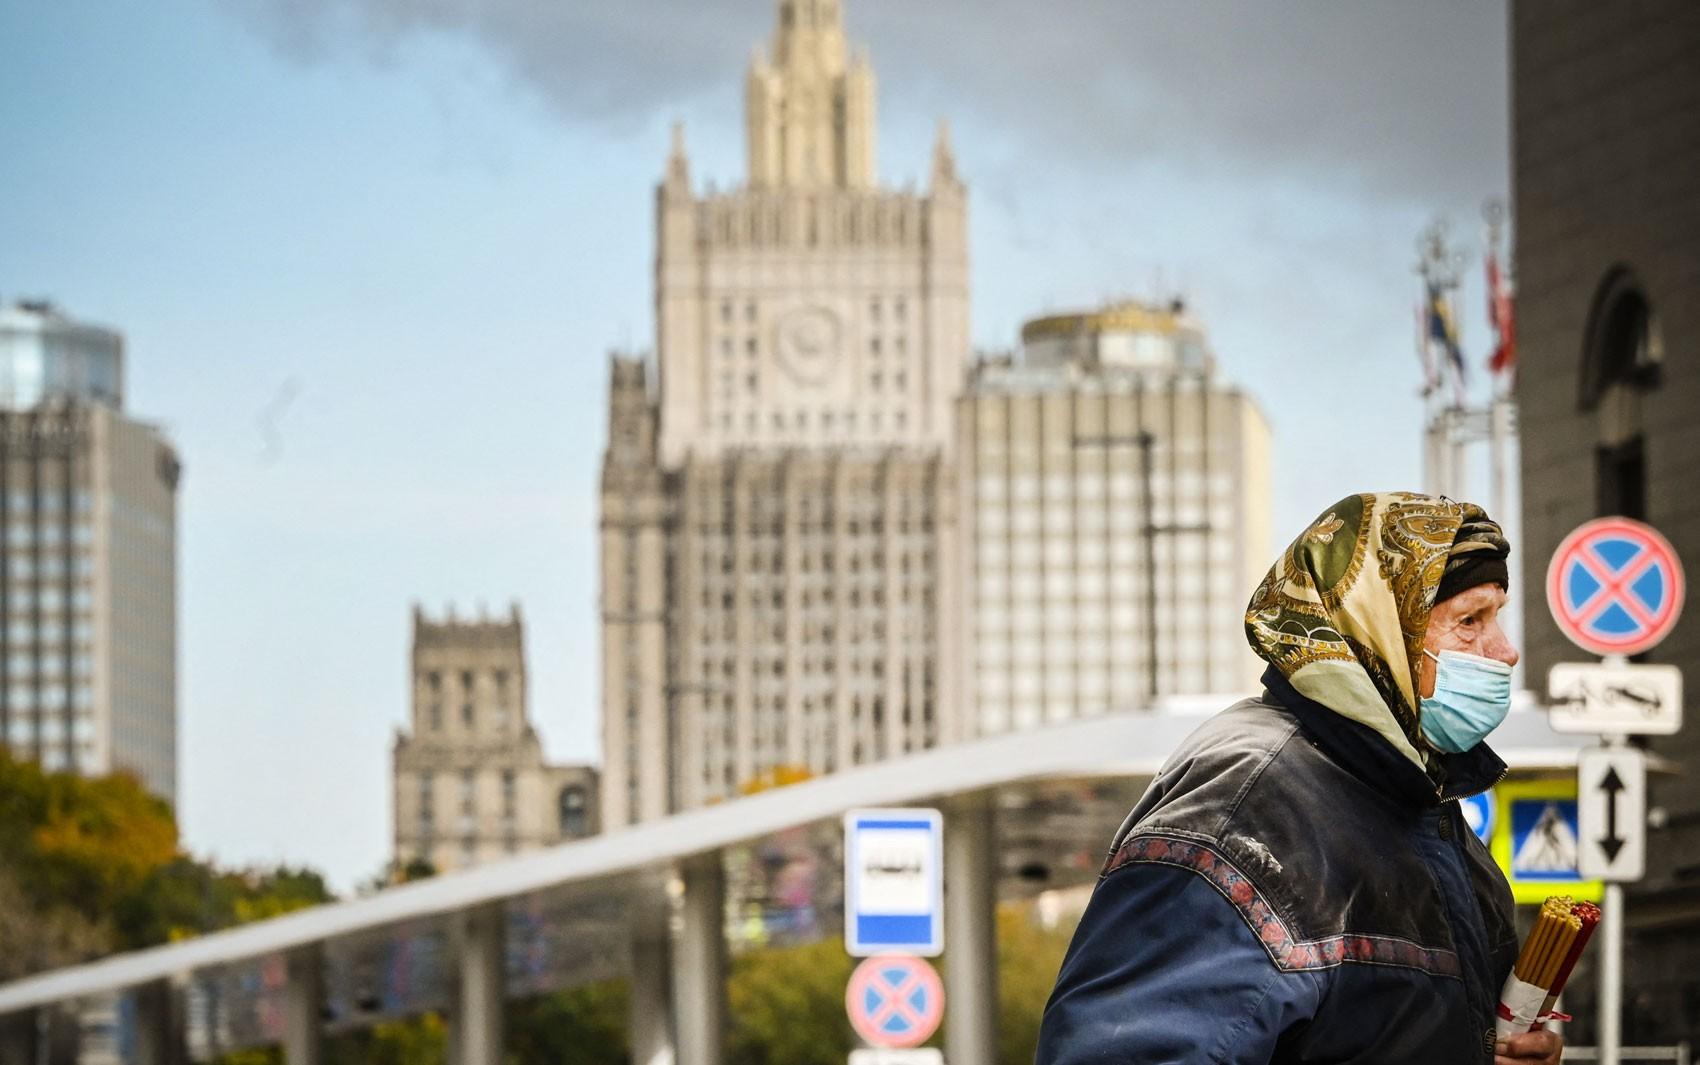 Rússia estabelece novo recorde de mortes por Covid-19 desde início da pandemia